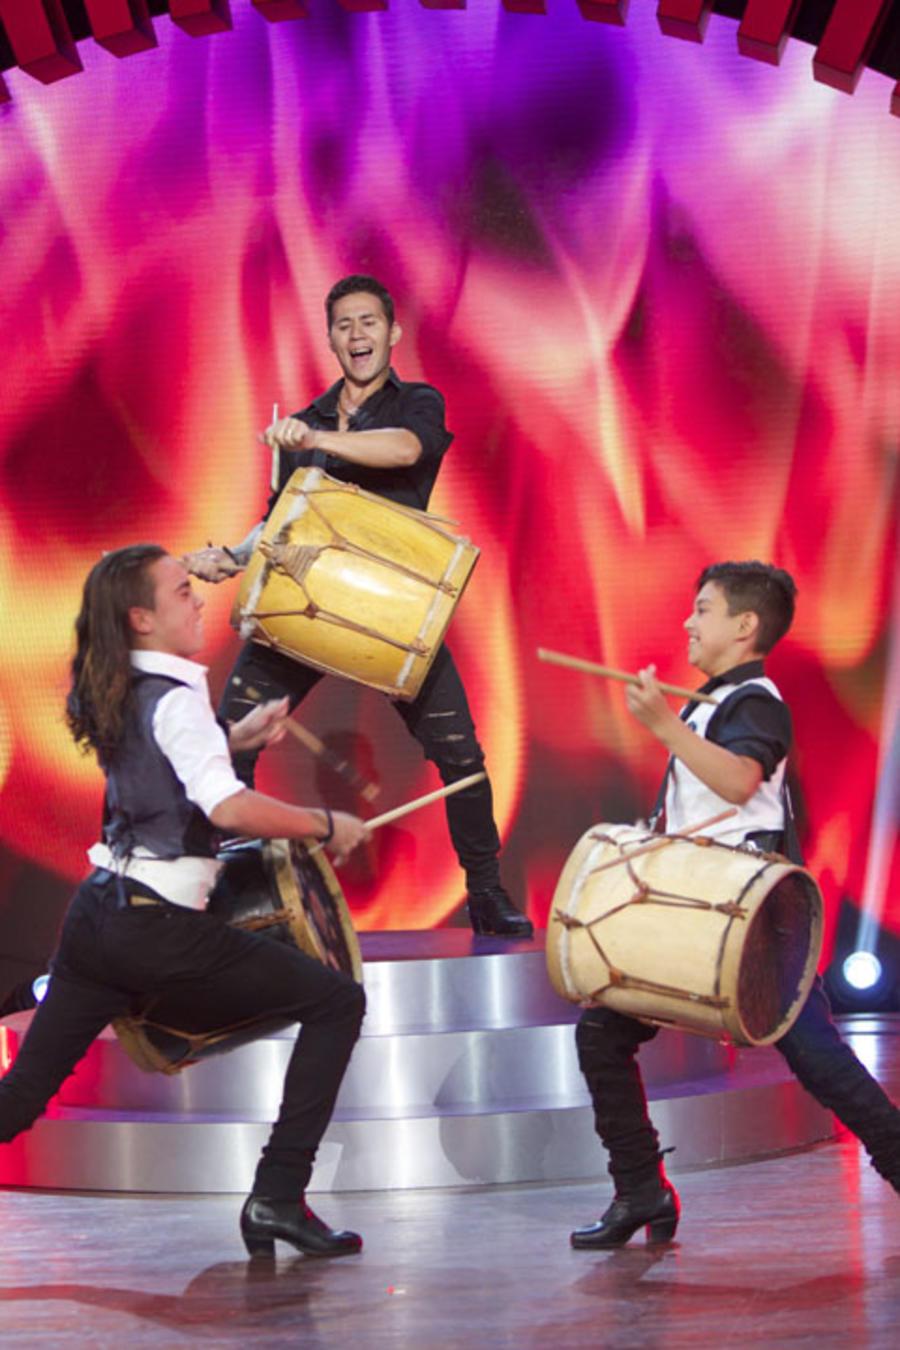 Ezequiel Rivas baila malambo en Siempre Niños